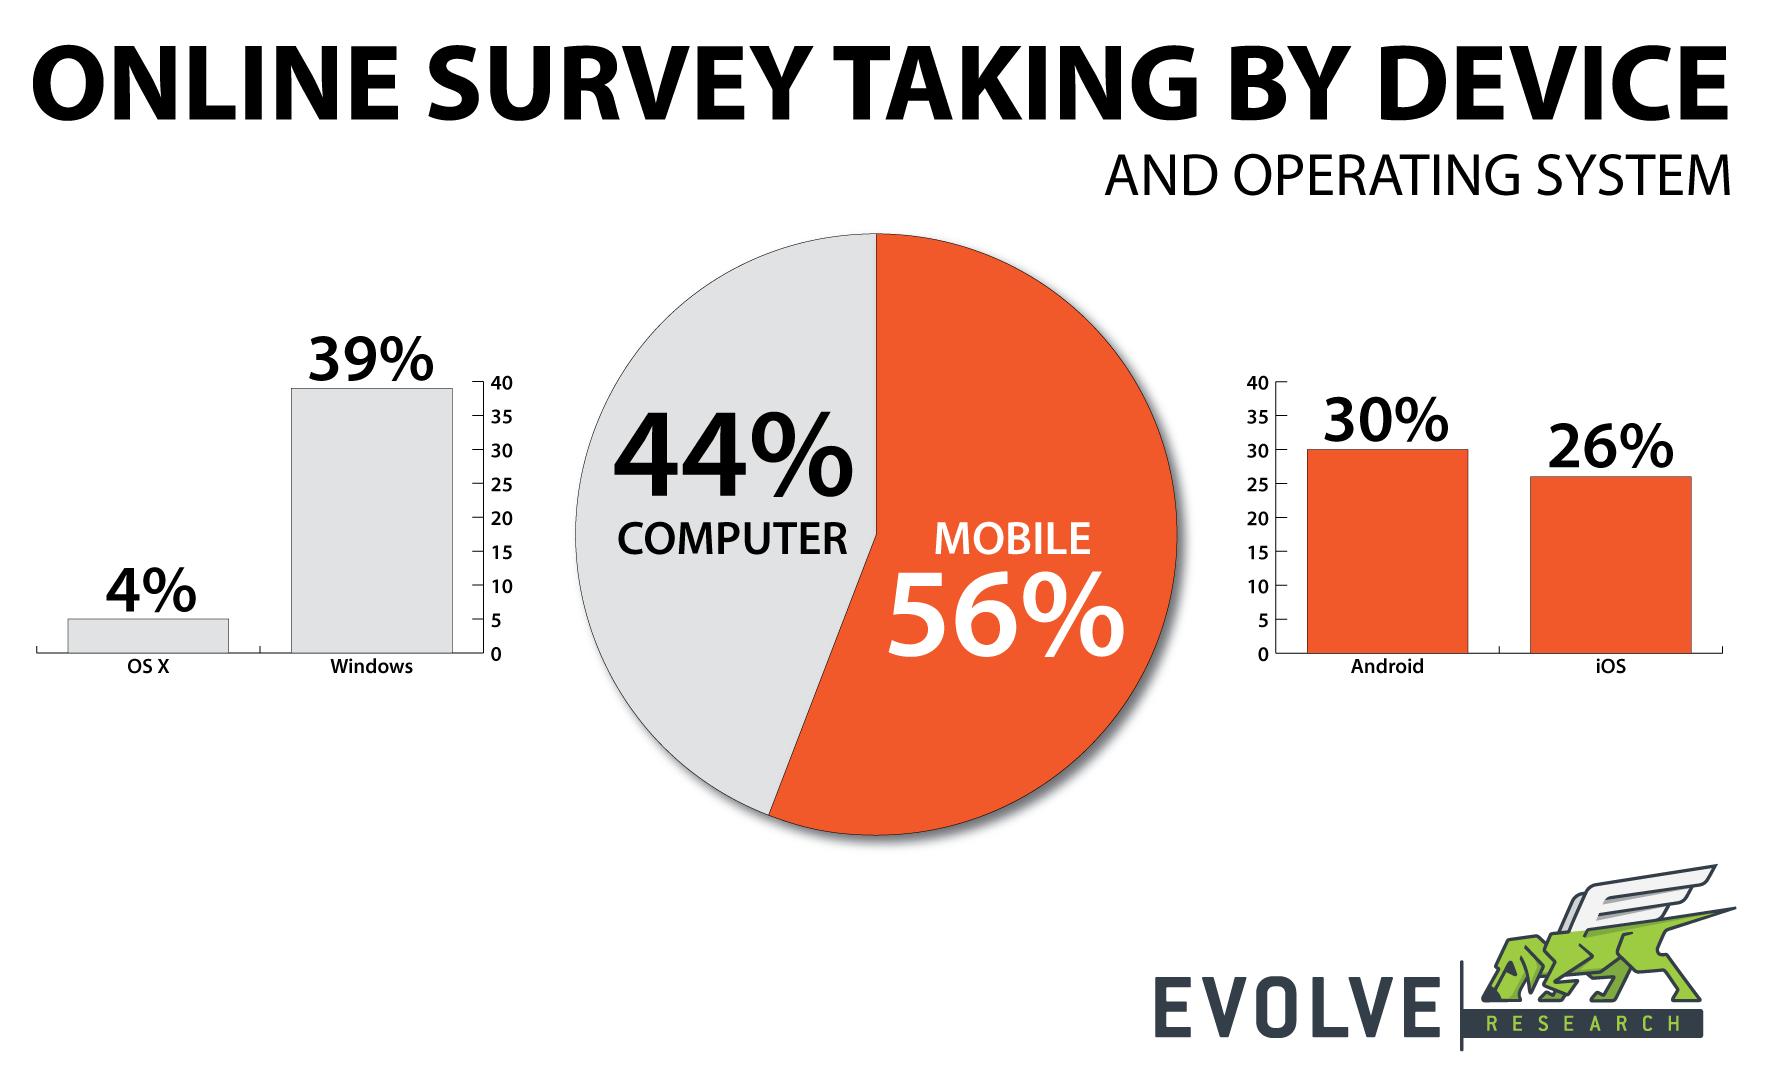 Online Surveys - Mobile Compatible or Mobile First?